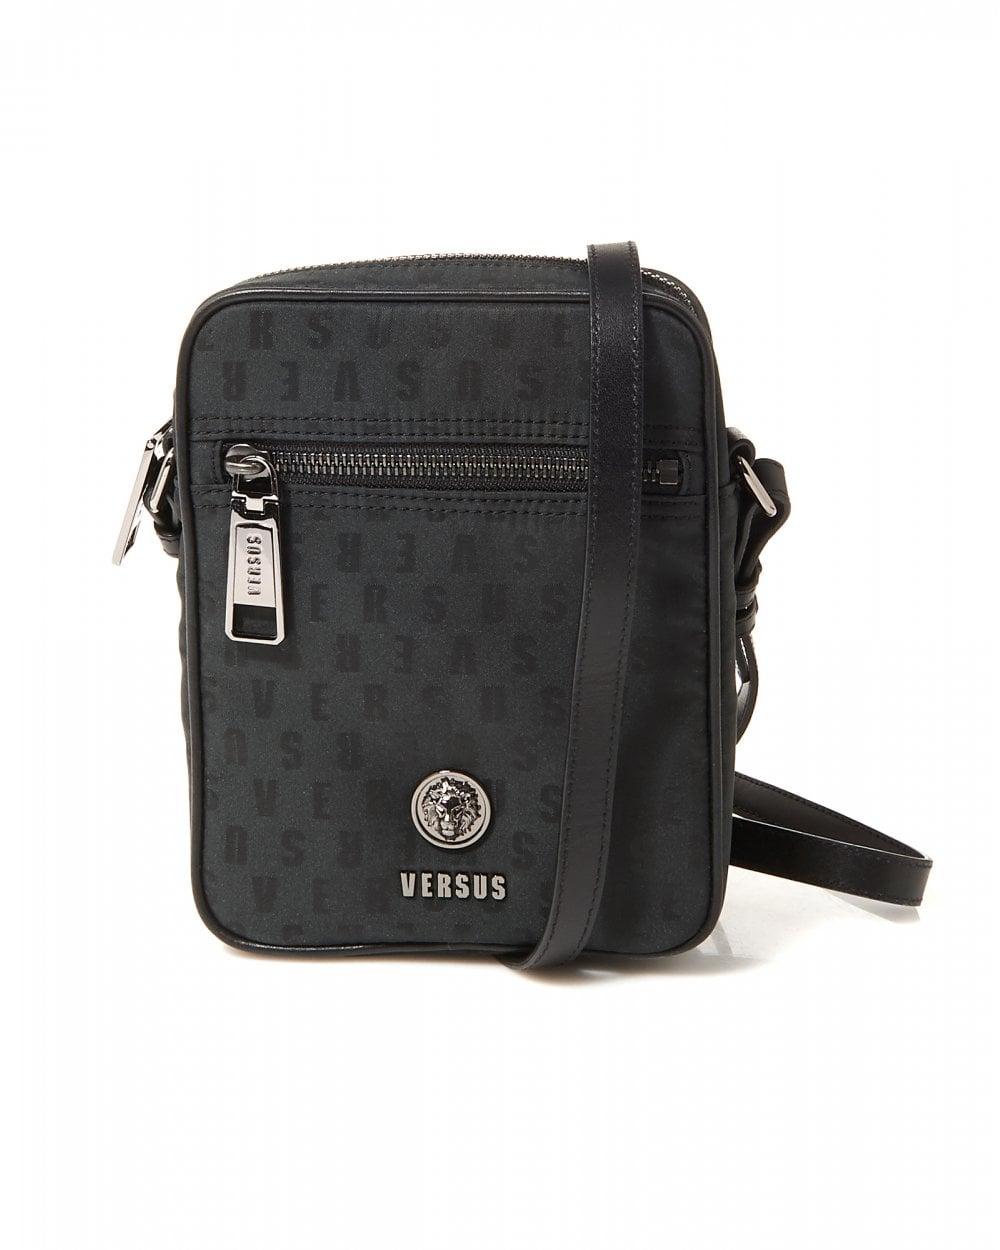 3113cece50f4 Versus Versace Mens Logomania Black Shoulder Stash Bag